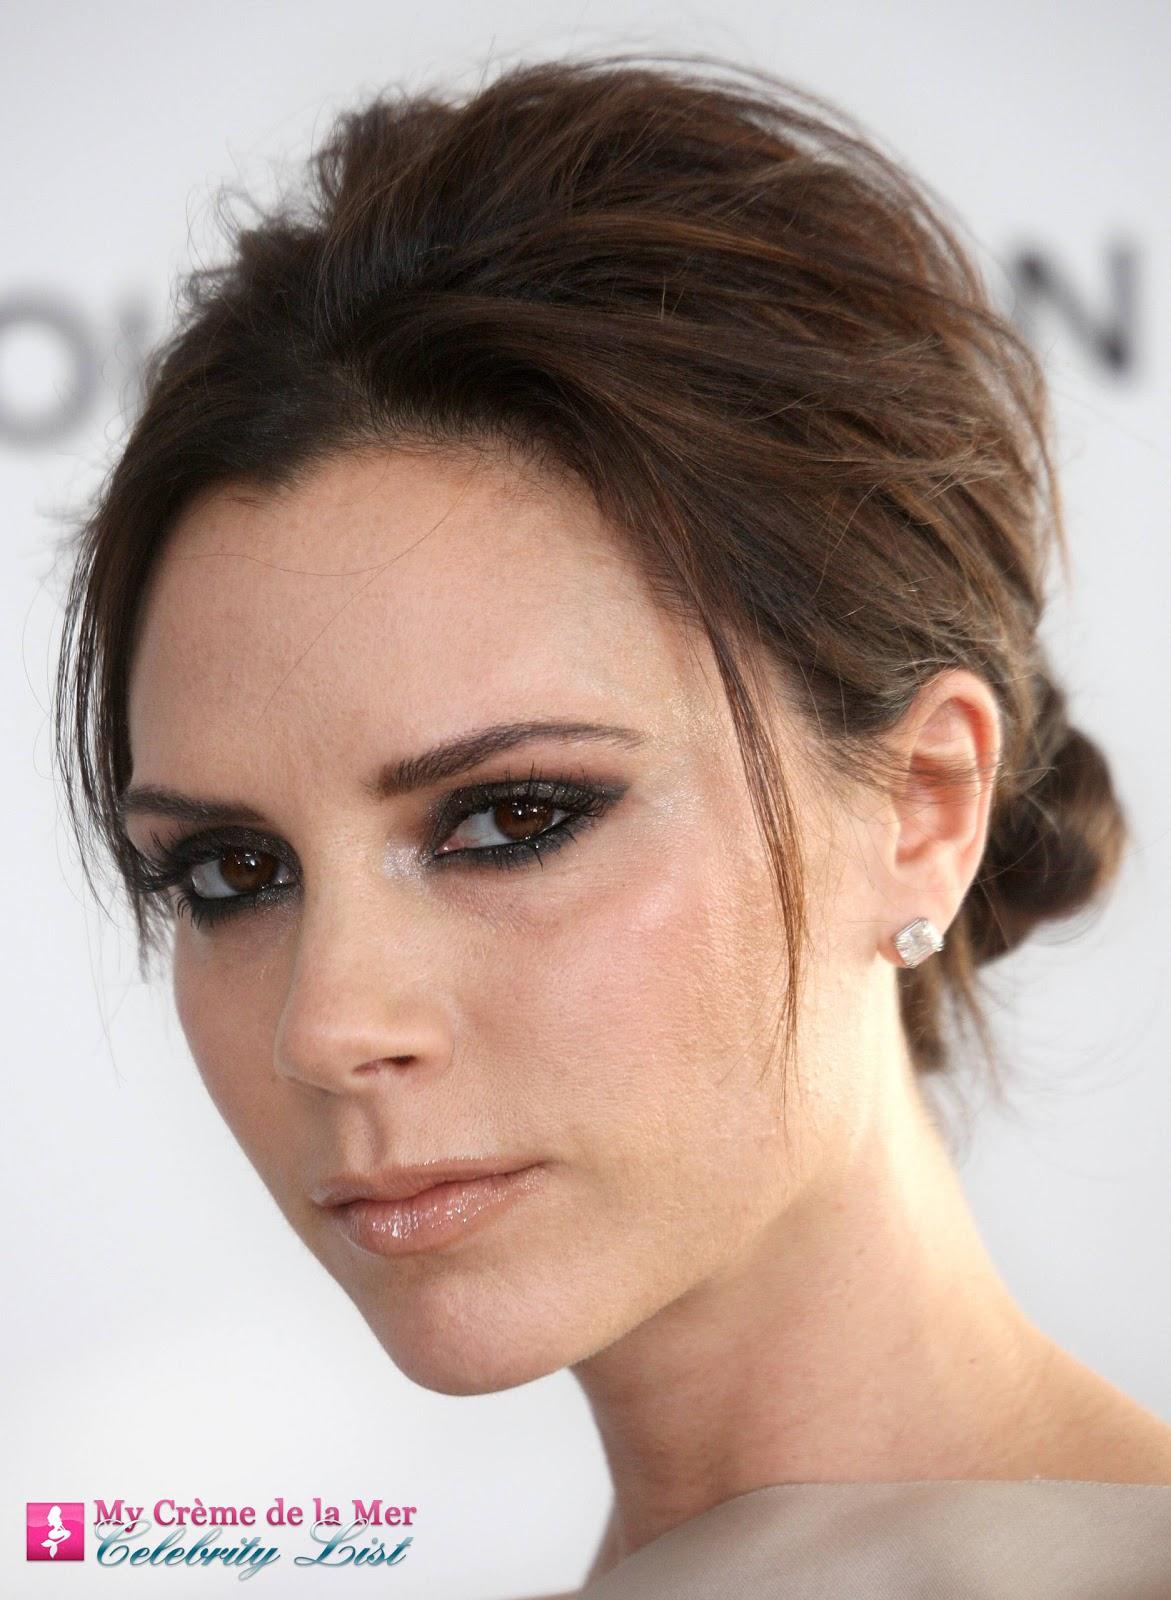 http://1.bp.blogspot.com/-qho01J5ICk0/UF0Qt8YeVqI/AAAAAAAAAx0/A5LcwXWXRf8/s1600/My+Cr%C3%A8me+de+la+Mer+Celebrity+List+-+Victoria+Beckham.jpg